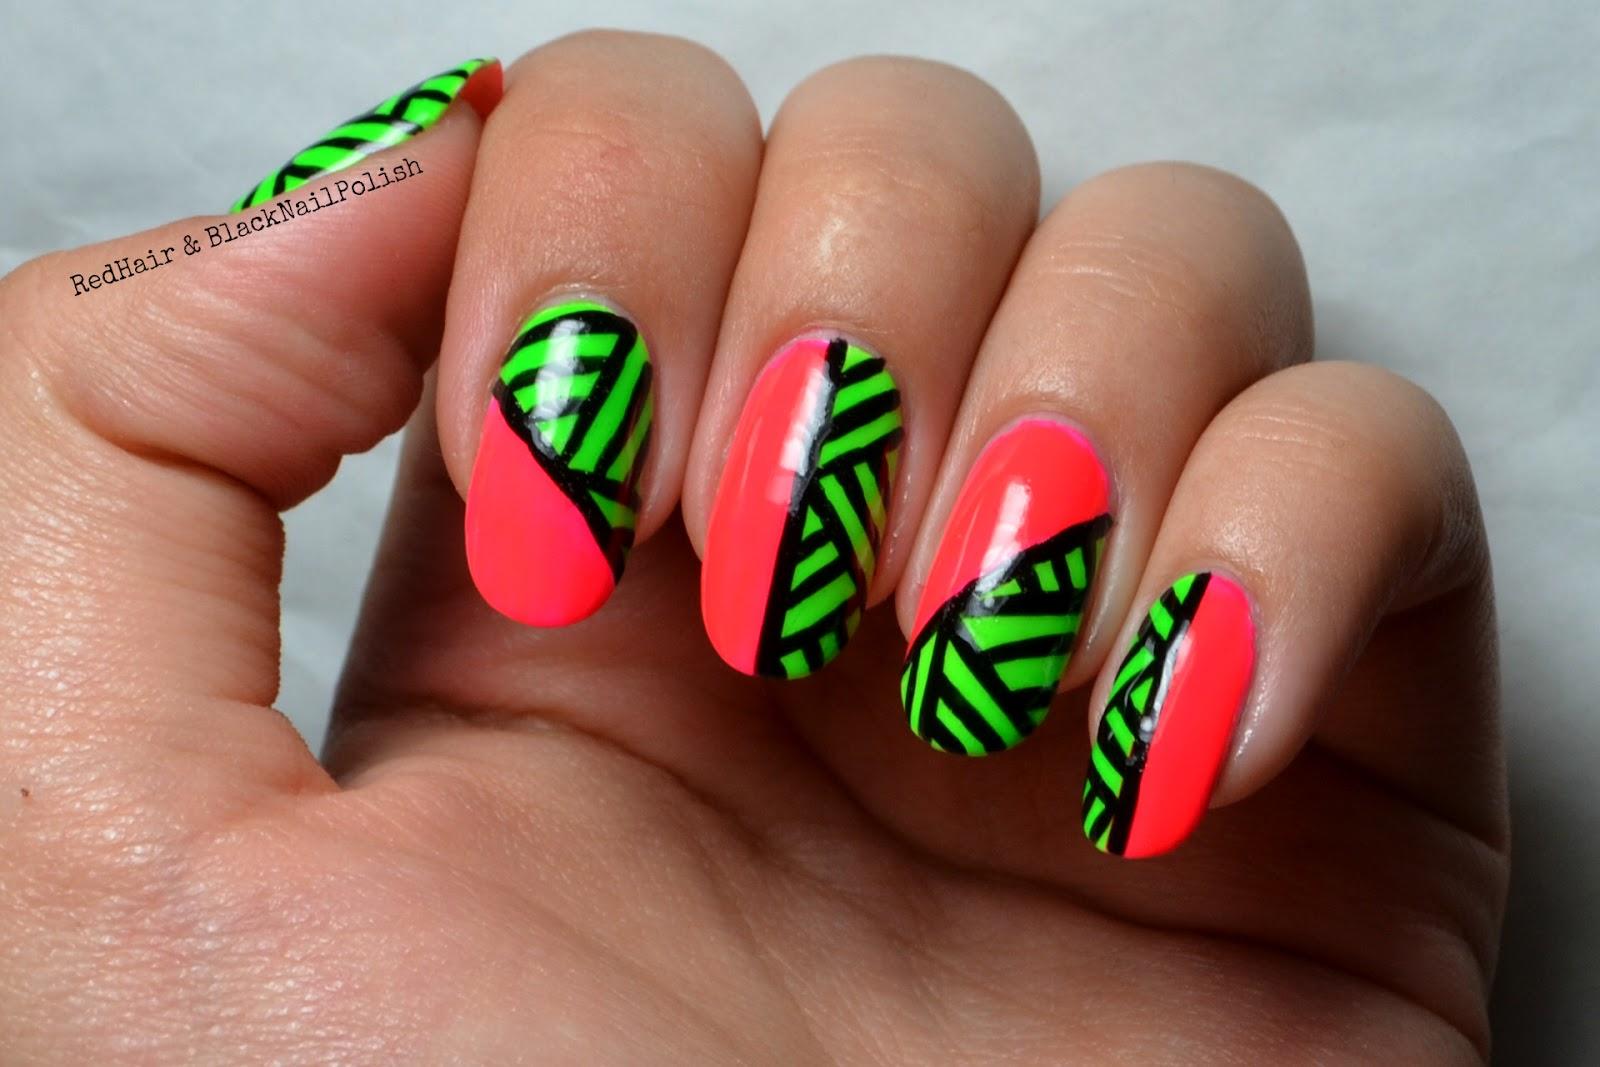 Nail Designs Neon: Neon nails.